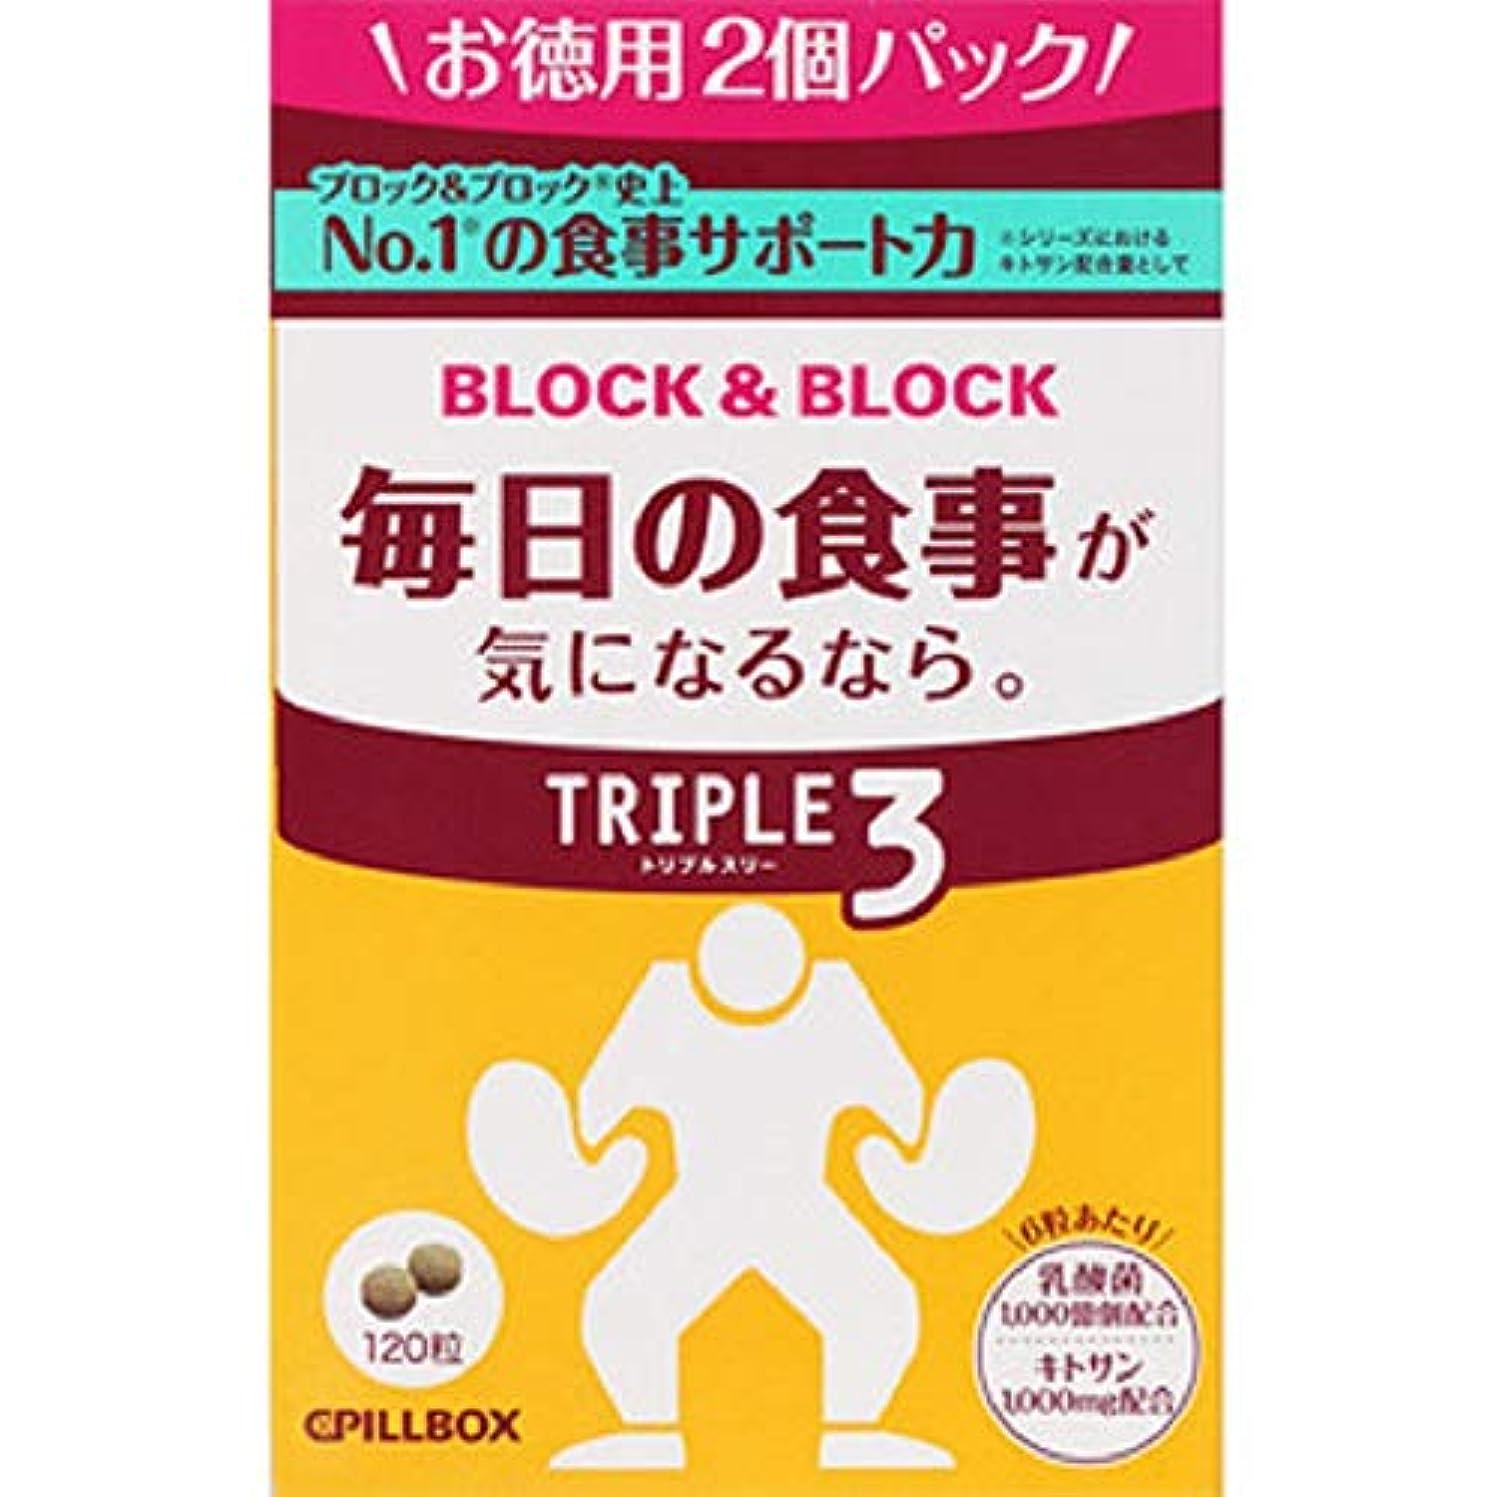 クルー大量パースブラックボロウピルボックスジャパン ブロック&ブロック トリプル3 お徳用パック 60粒x2個入り